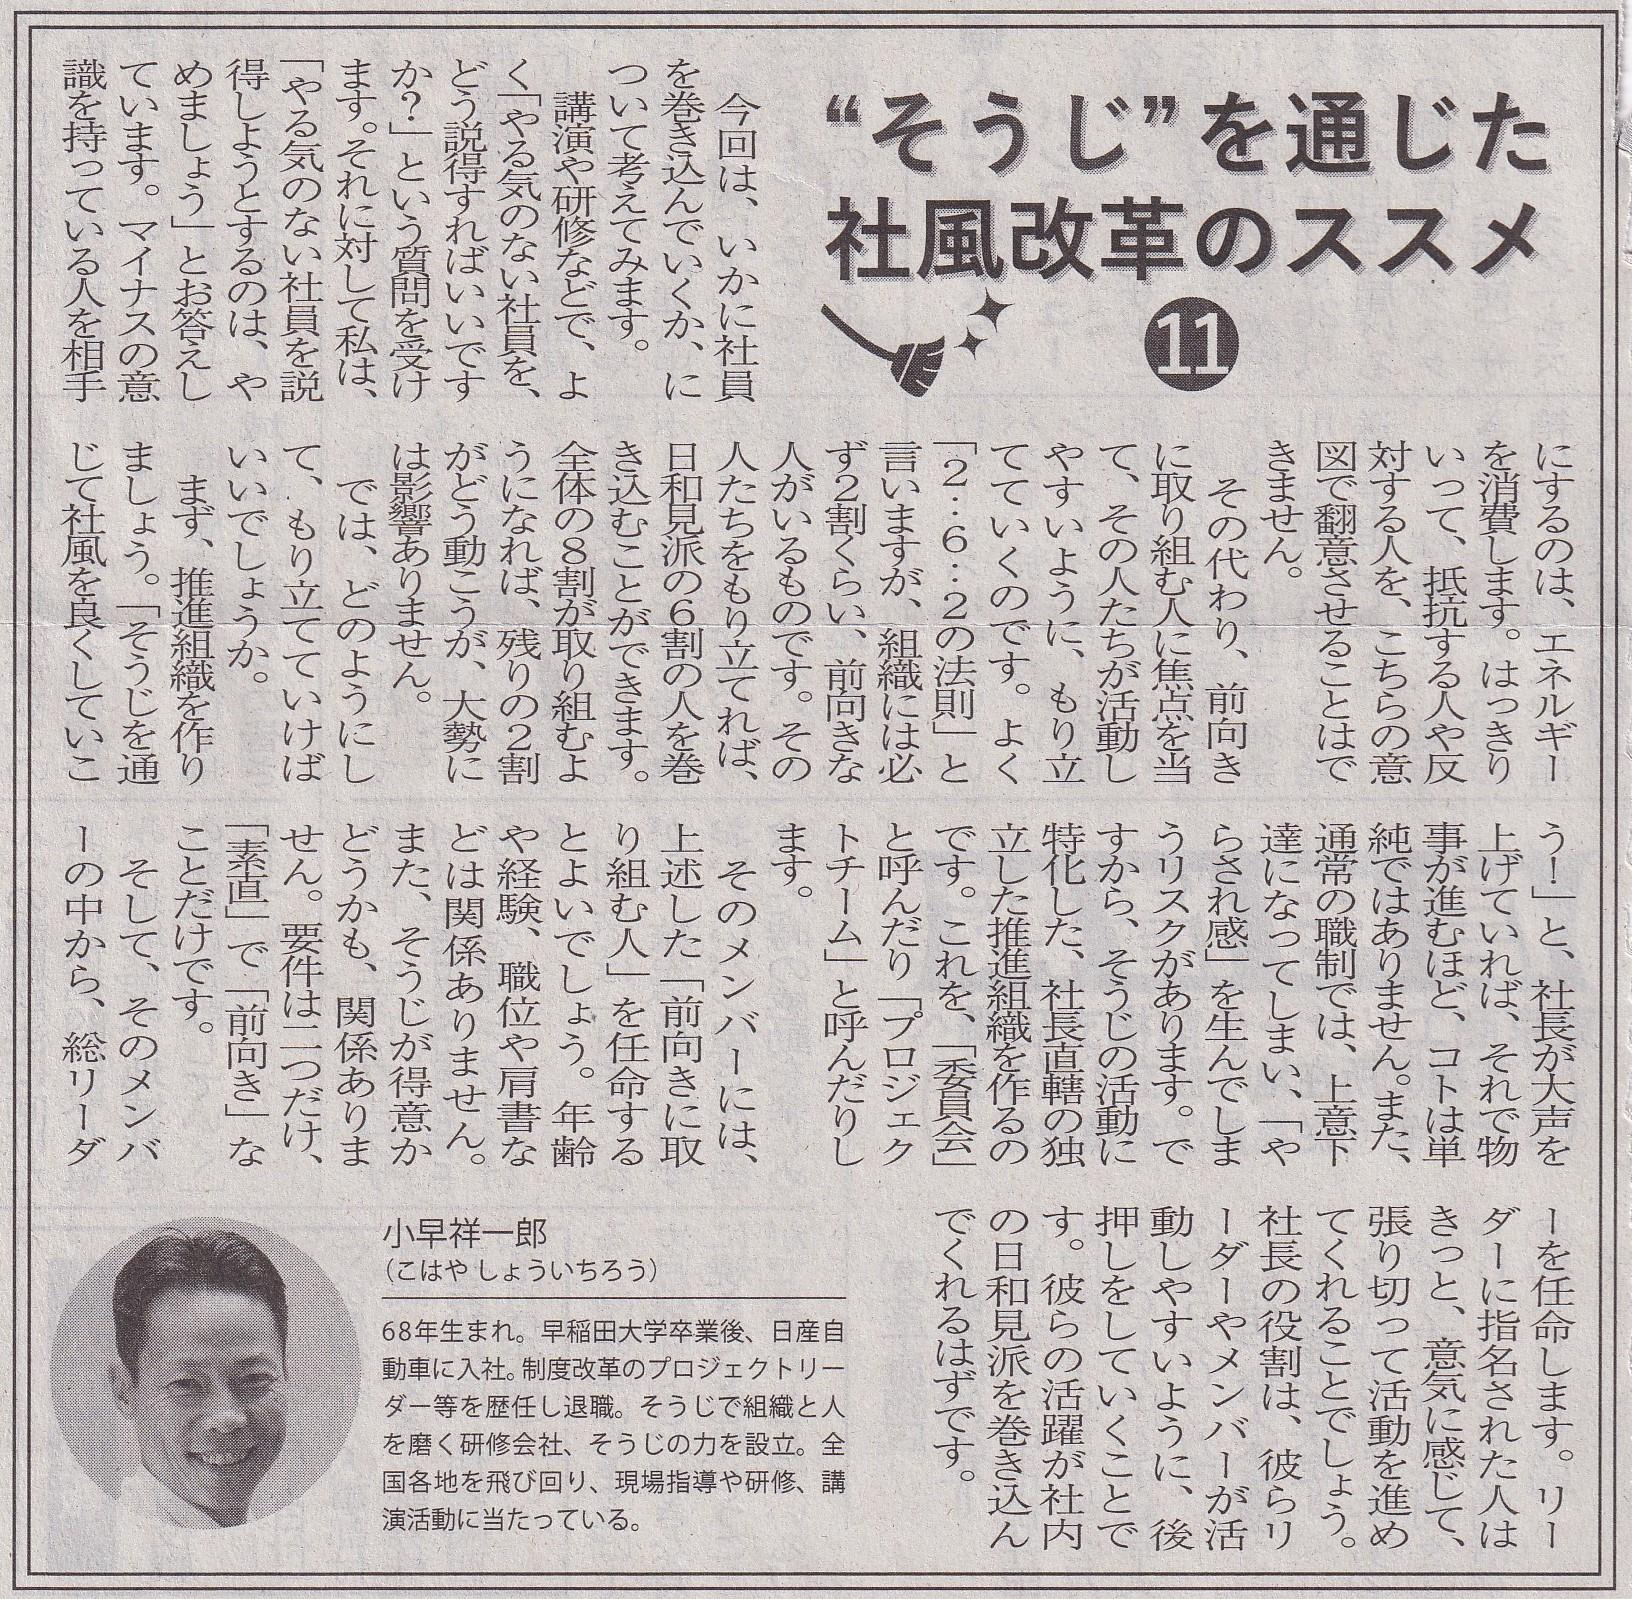 2020年3月6日ぐんま経済新聞